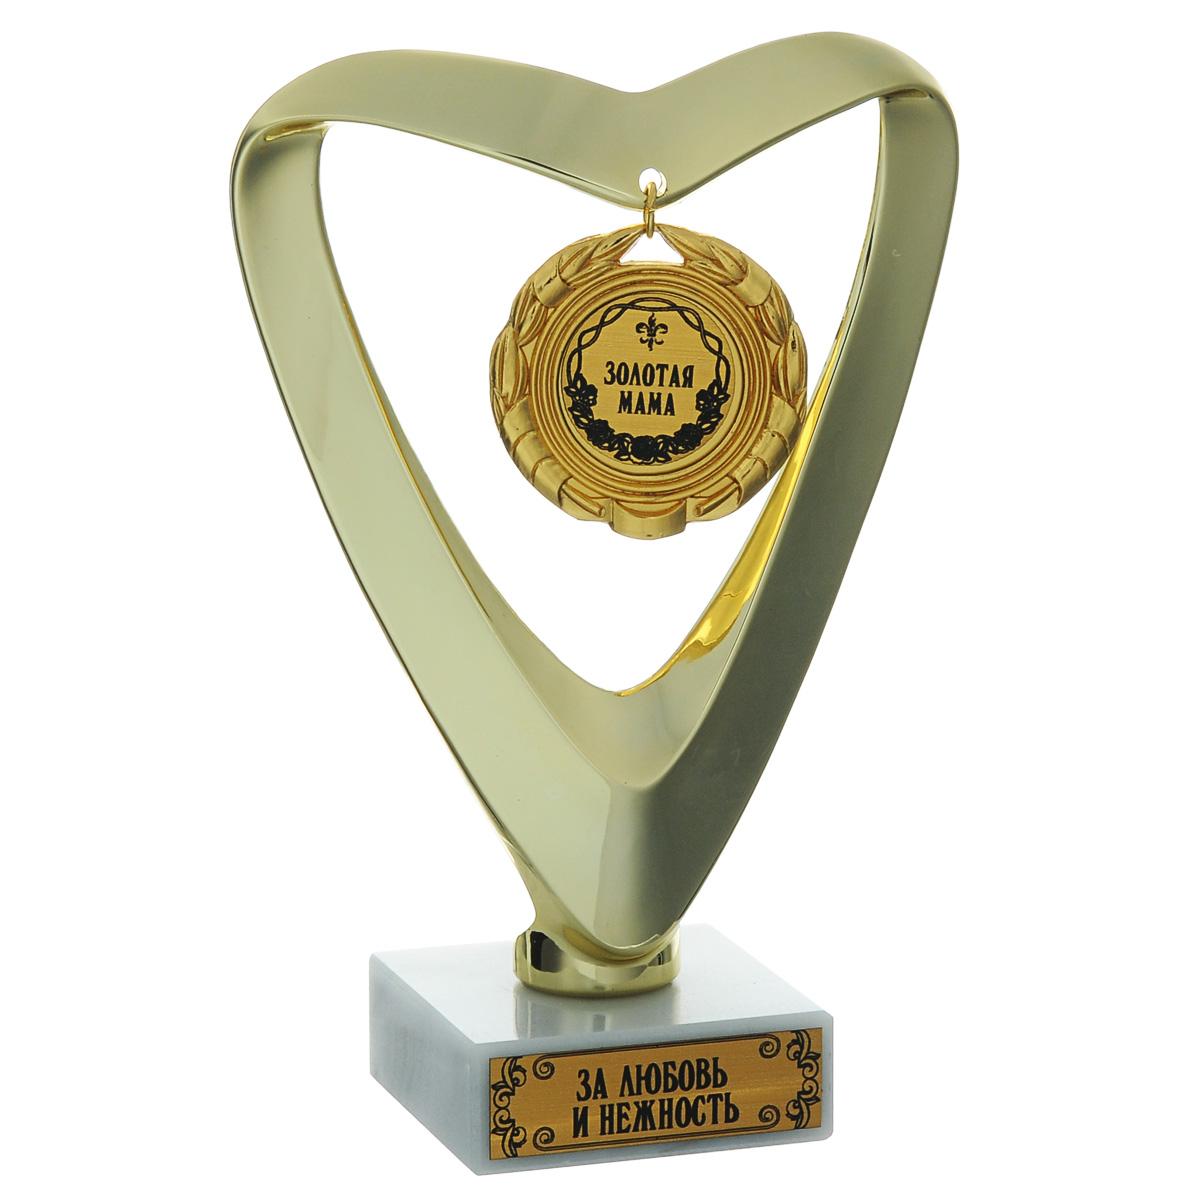 Кубок Сердце. Золотая мама, высота 16 см74-0060Кубок Сердце. Золотая мама станет замечательным сувениром. Кубок выполнен из пластика с золотистым покрытием. Основание изготовлено из искусственного мрамора. Кубок имеет форму сердца, декорированного подвесной медалькой с надписью Золотая мама. Основание оформлено надписью За любовь и нежность. Такой кубок обязательно порадует получателя, вызовет улыбку и массу положительных эмоций.